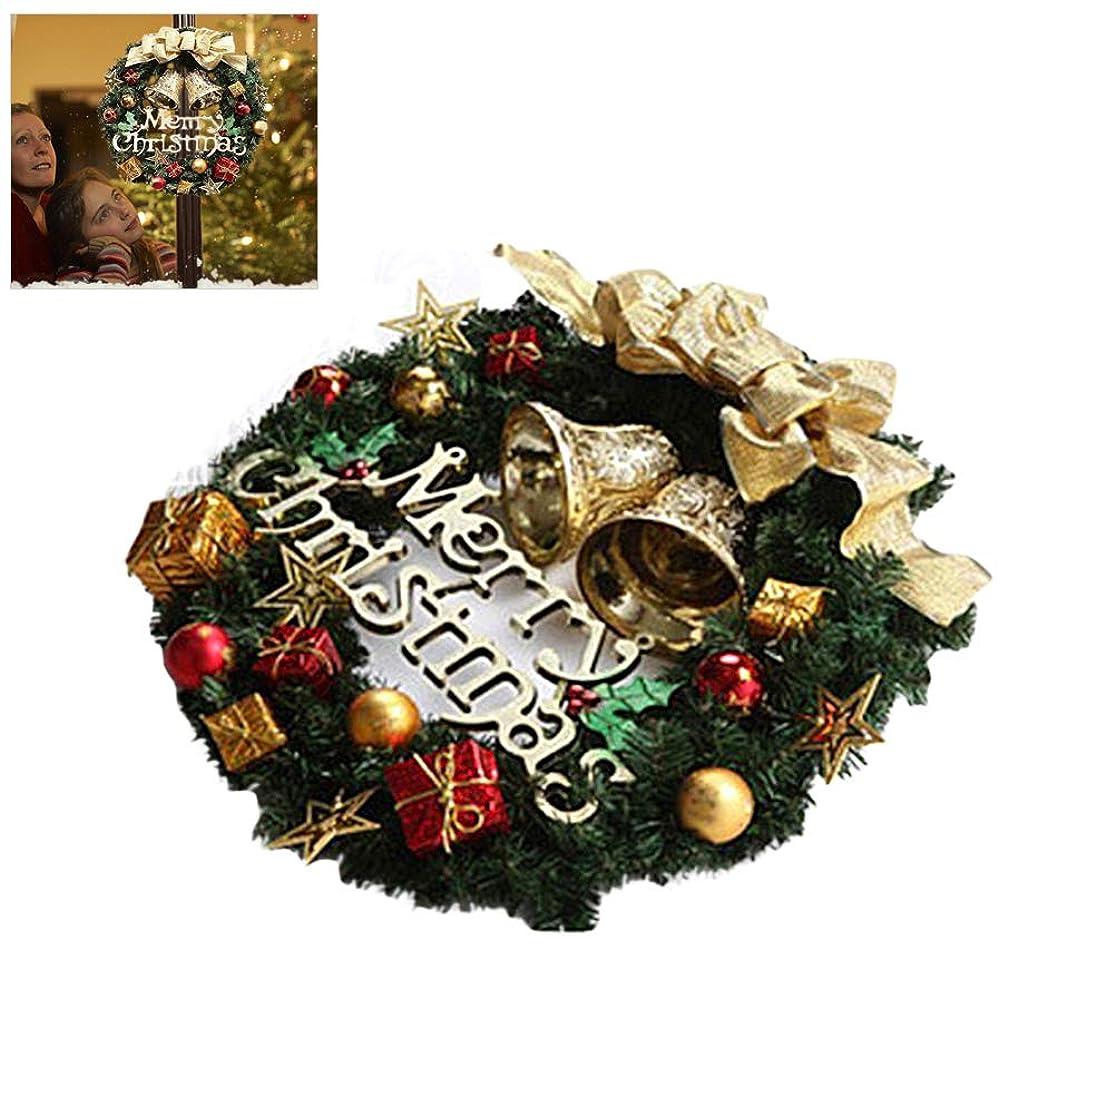 招待四面体祖父母を訪問supbel クリスマスリース 花輪 ガーランド アクセサリー オーナメント クリスマス飾り 玄関 ドア 窓 インテリア ベル付き 装飾 壁飾り 人気 豪華 華やか 可愛い 30CM 飾り付け パーティー 小道具 贈り物